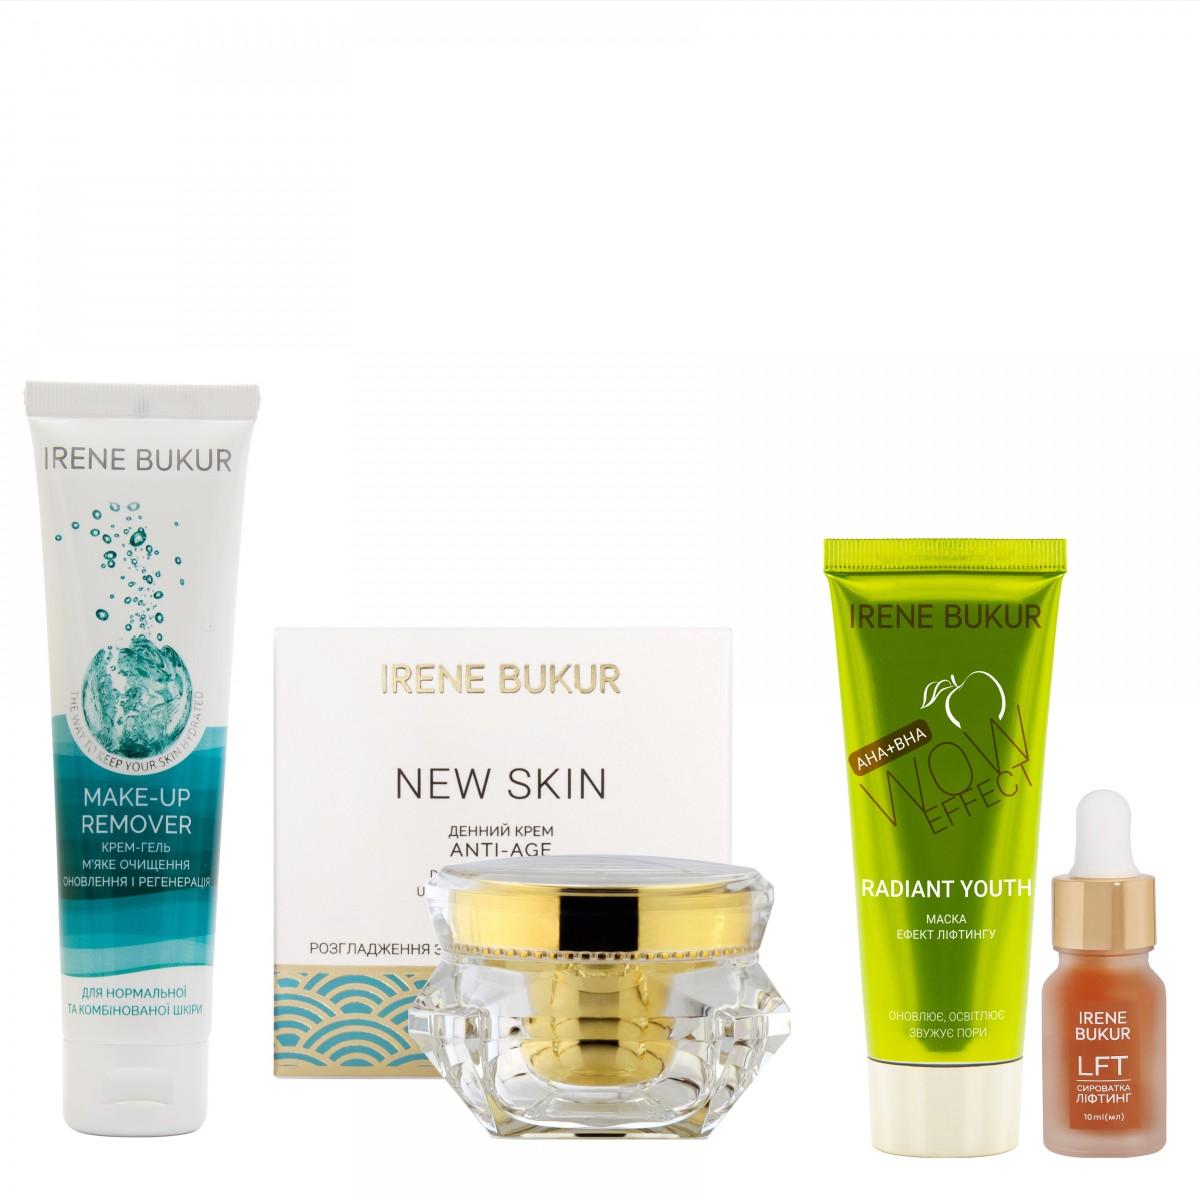 Інтенсивний догляд New Skin (день) з сироваткою Ліфтинг для нормальної та комбінованої шкіри